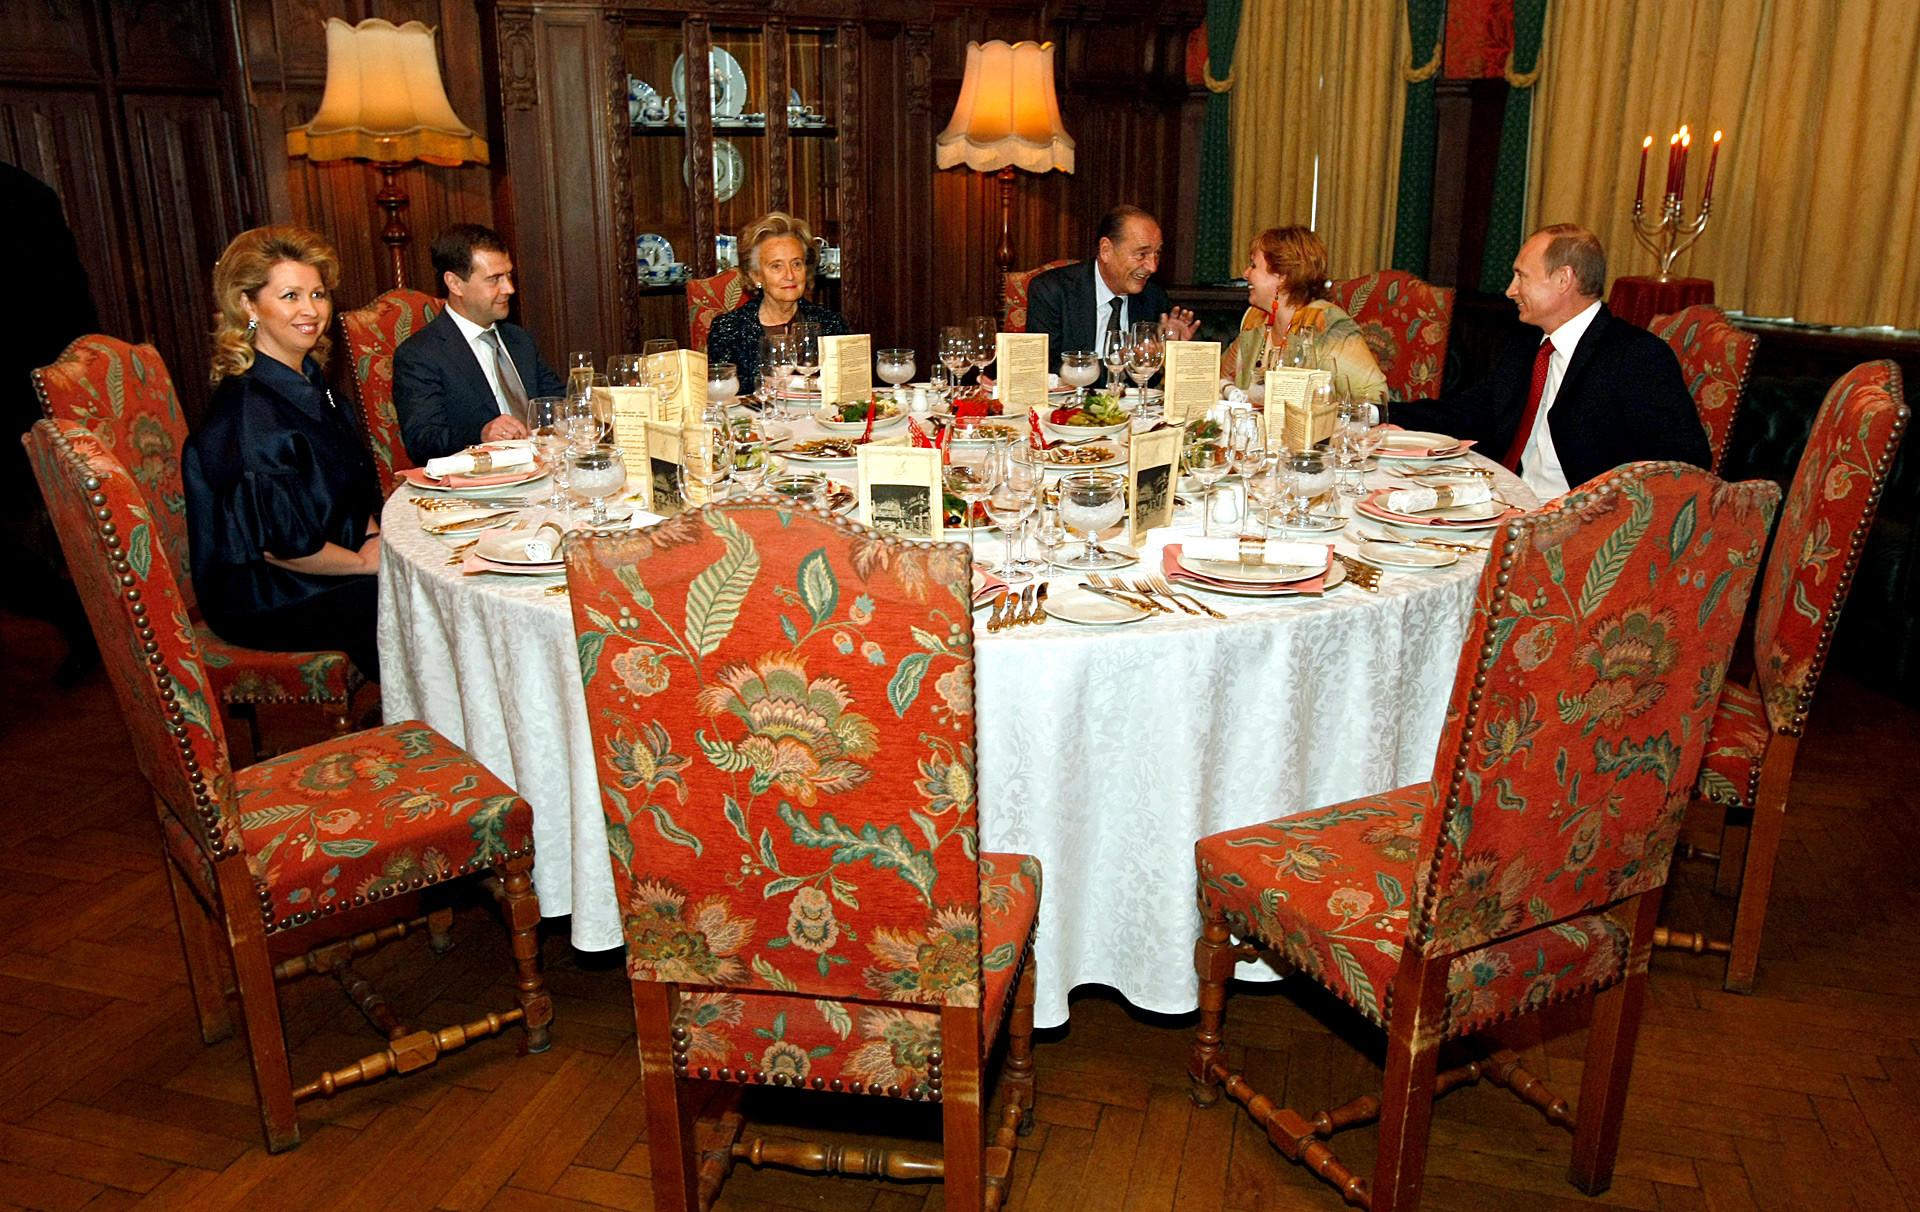 Der russische Regierungschef Wladimir Putin mit seiner Frau Ljudmila, Frankreichs Ex-Präsident Jacques Chirac und seine Frau Bernadette, russischer Präsident  Dmitri Medwedjew mit seiner Frau Swetlana im Moskauer Restaurant